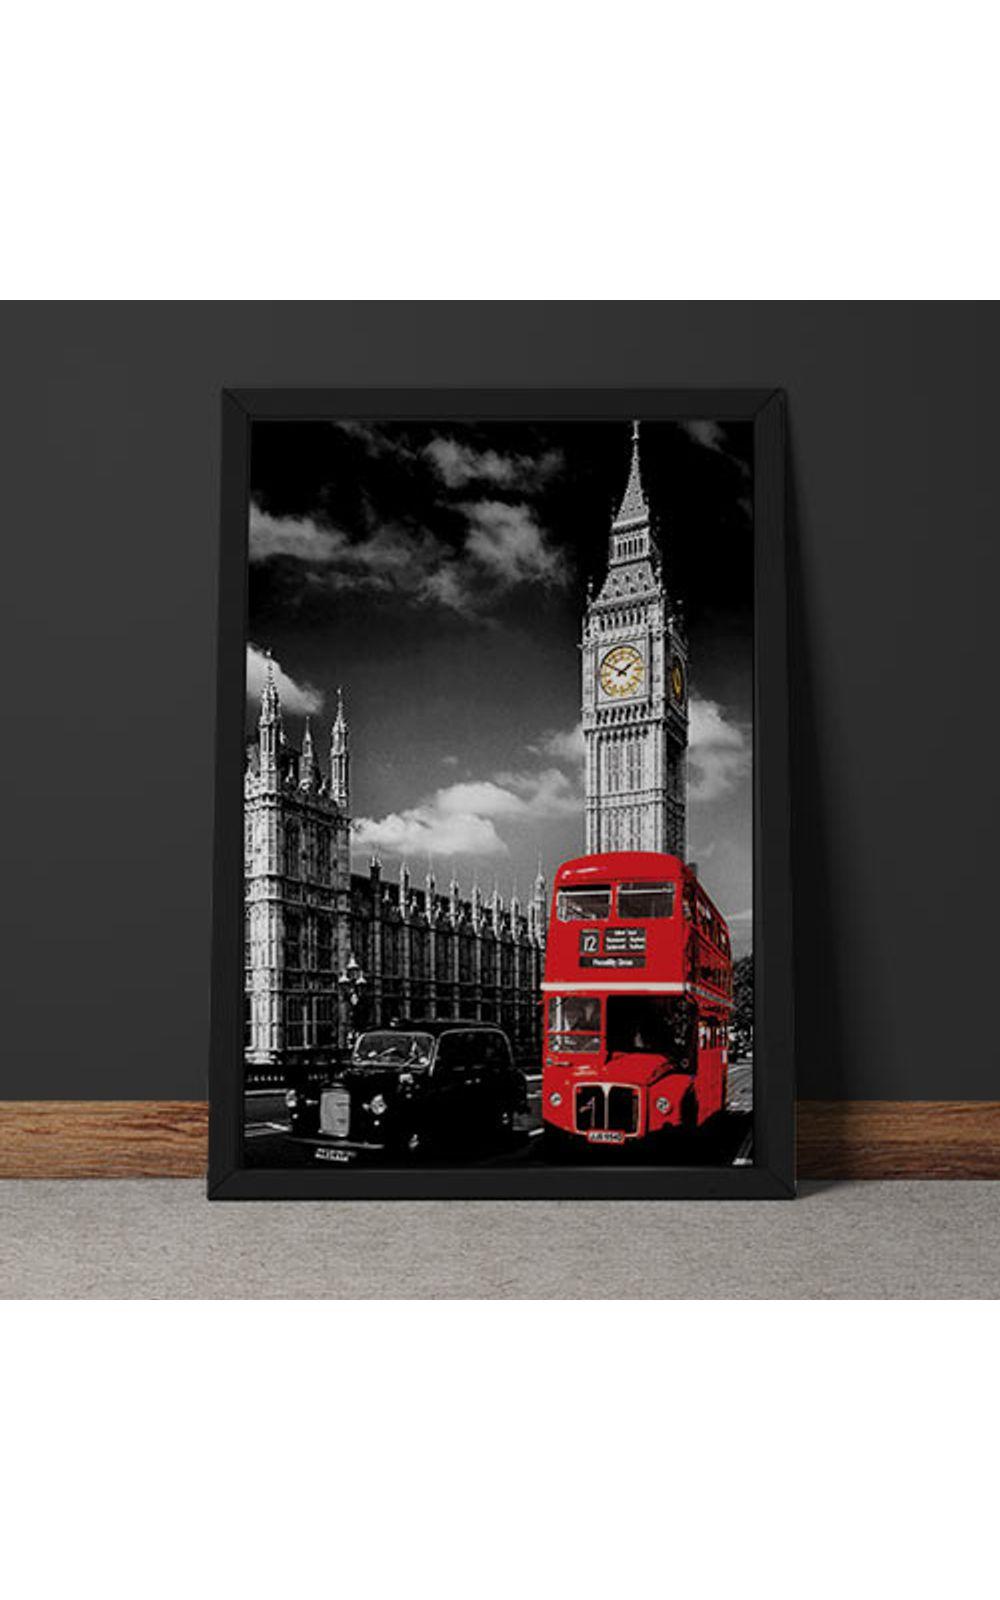 Foto 6 - Quadro Decorativo Onibus Ingles E Big Ben